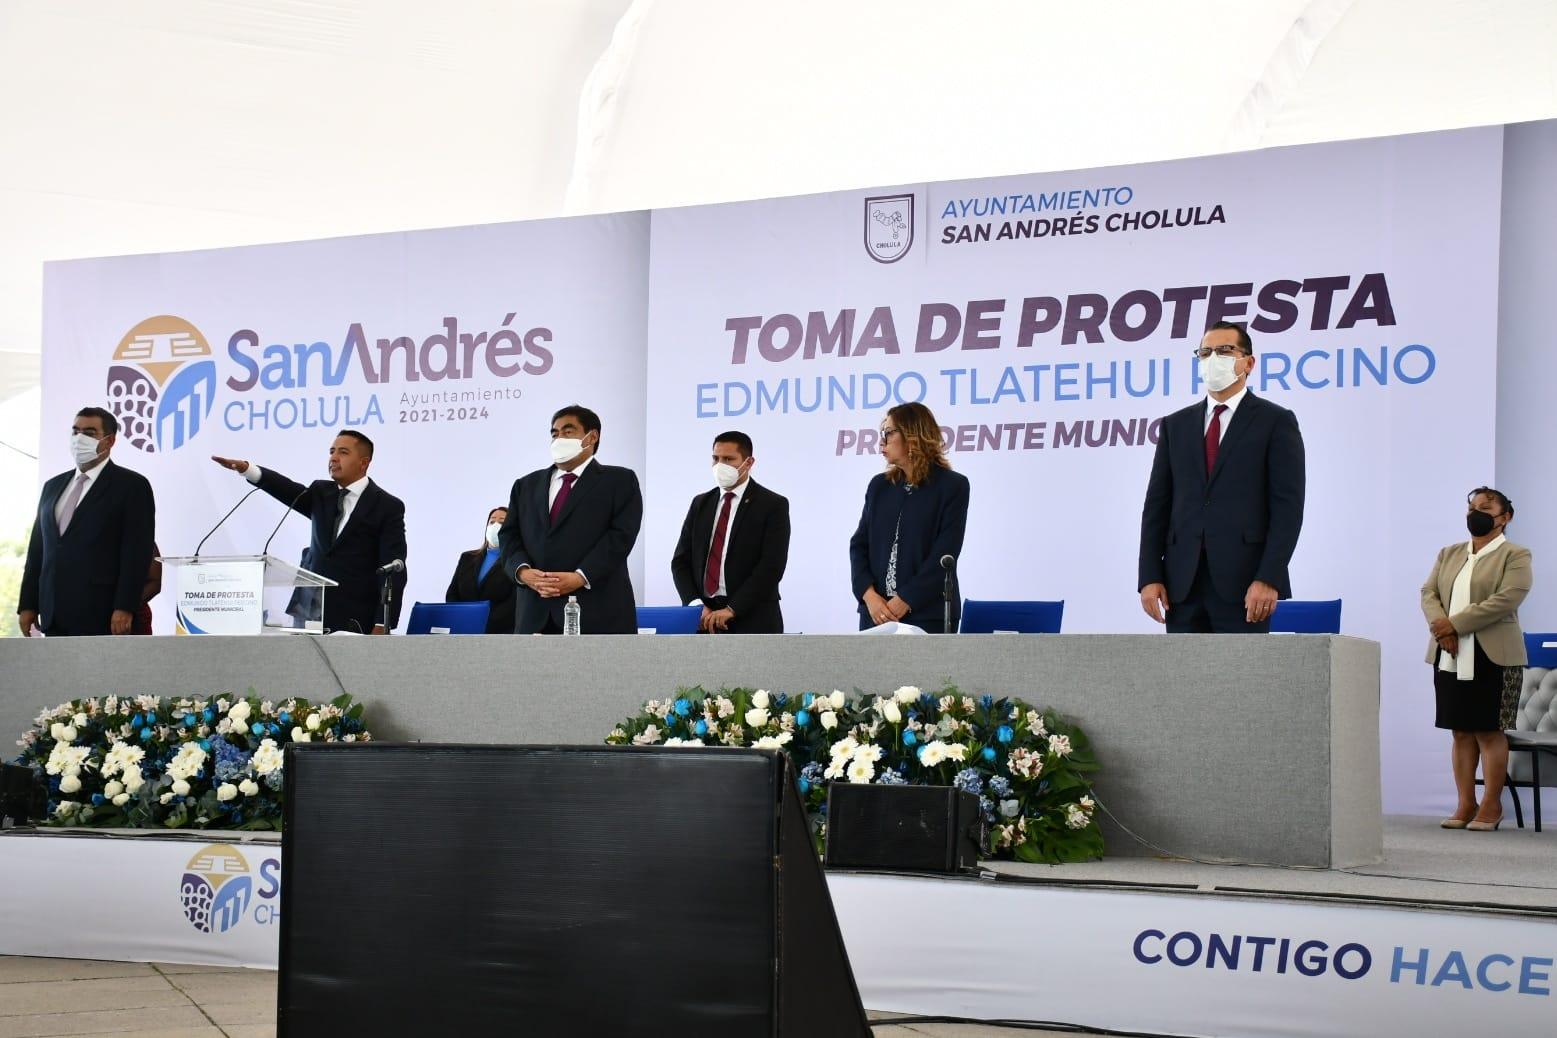 El PAN regresa a San Andrés; Edmundo Tlatehui rinde protesta